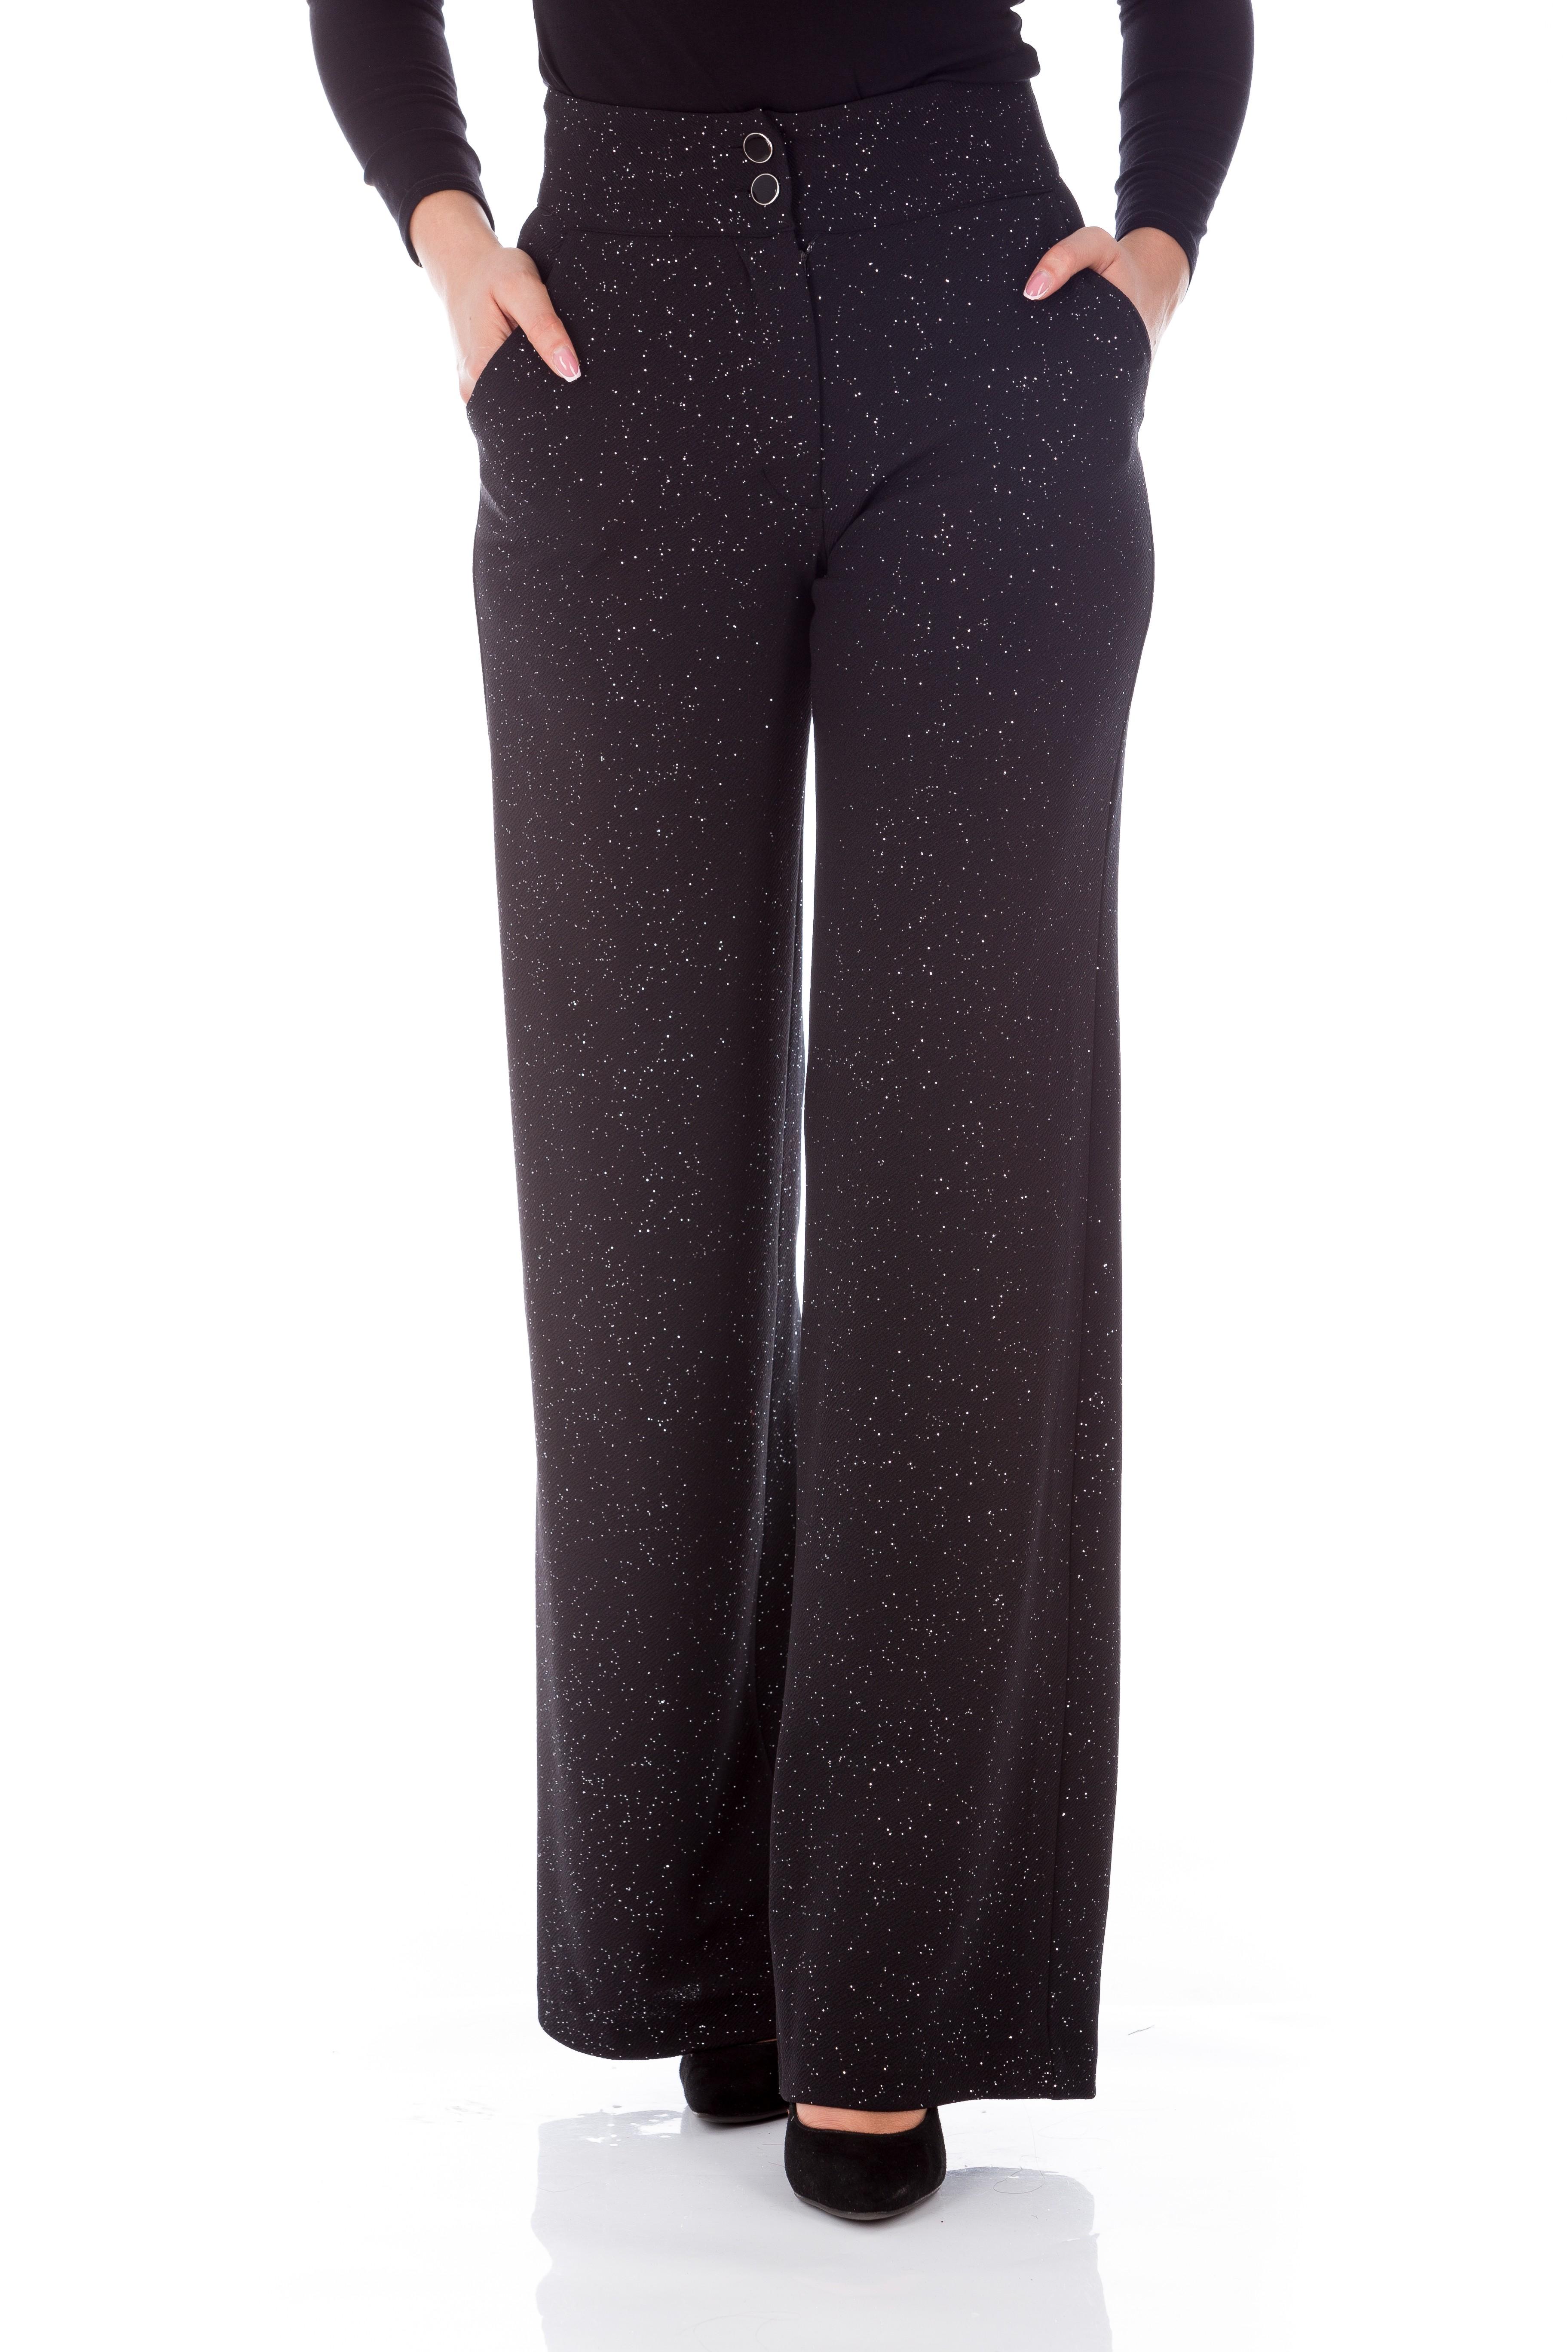 Pantaloni evazați negri cu sclipici